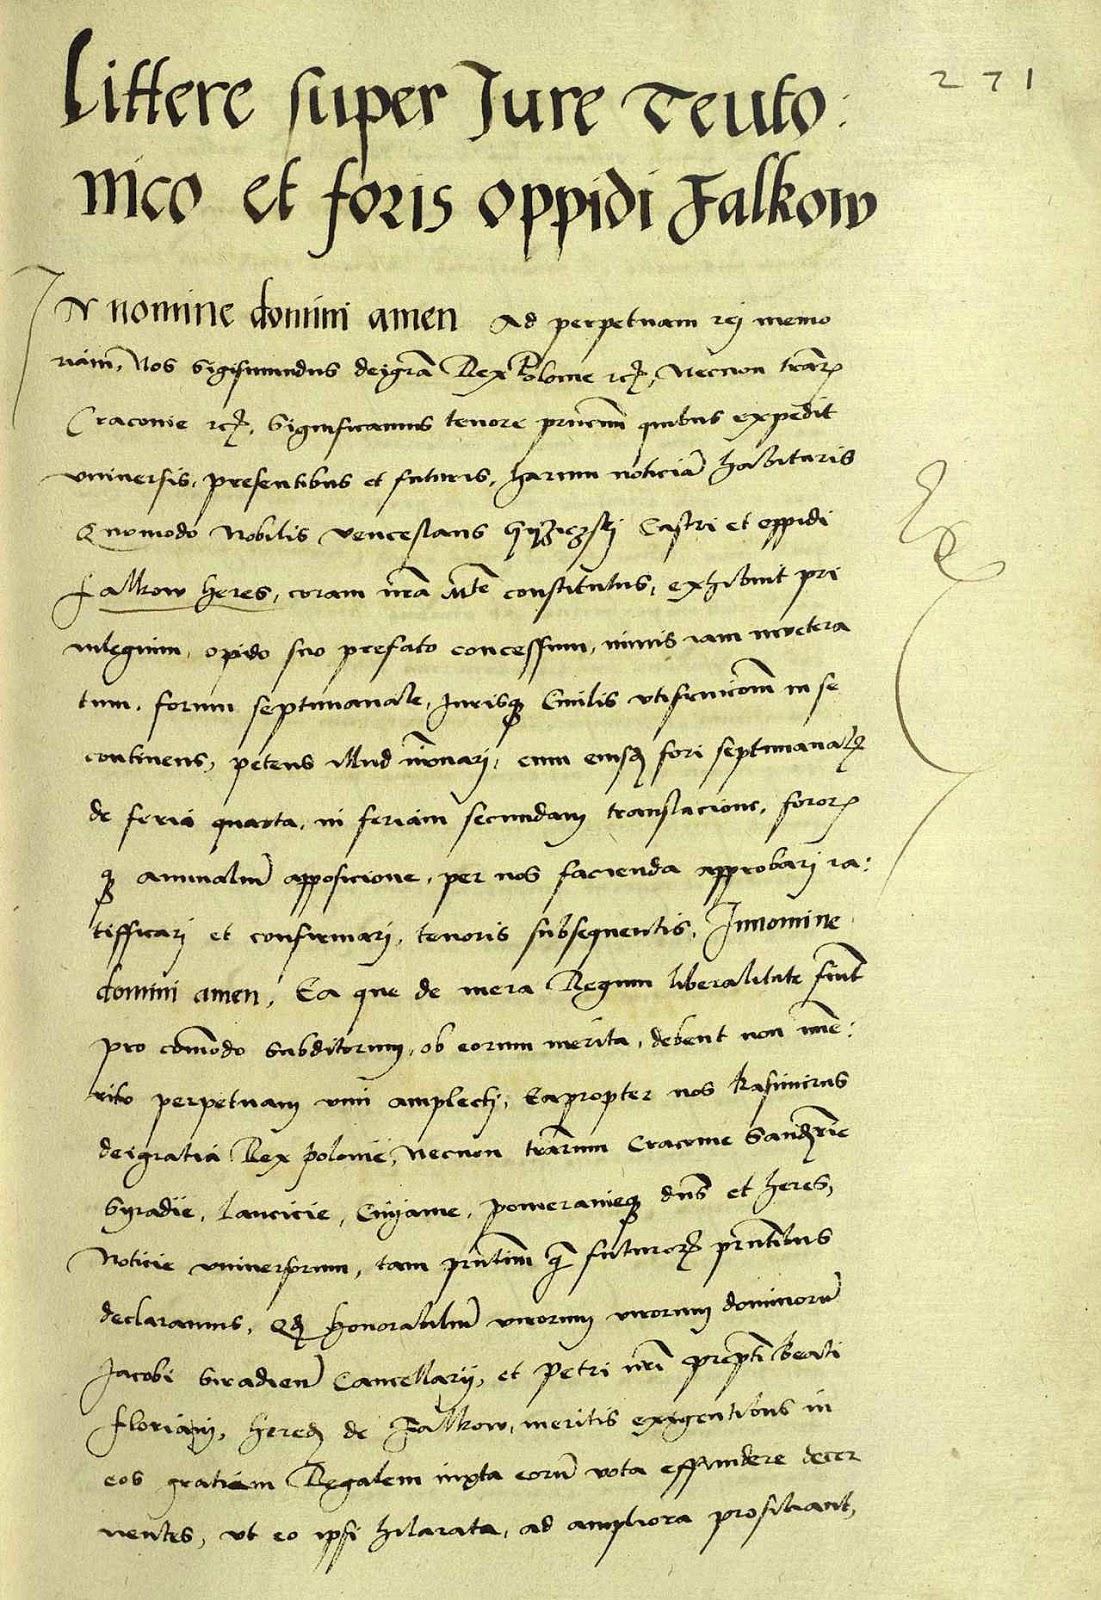 Pierwsza strona dokumentu Zygmunta Starego z 1532 r. potwierdzająca nadanie praw miejskich dla Fałkowa przez Kazimierza Wielkiego 6.12.1340 roku. Źródło: Archiwum Główne Akt Dawnych, metryka koronna nr 47, karta 271.